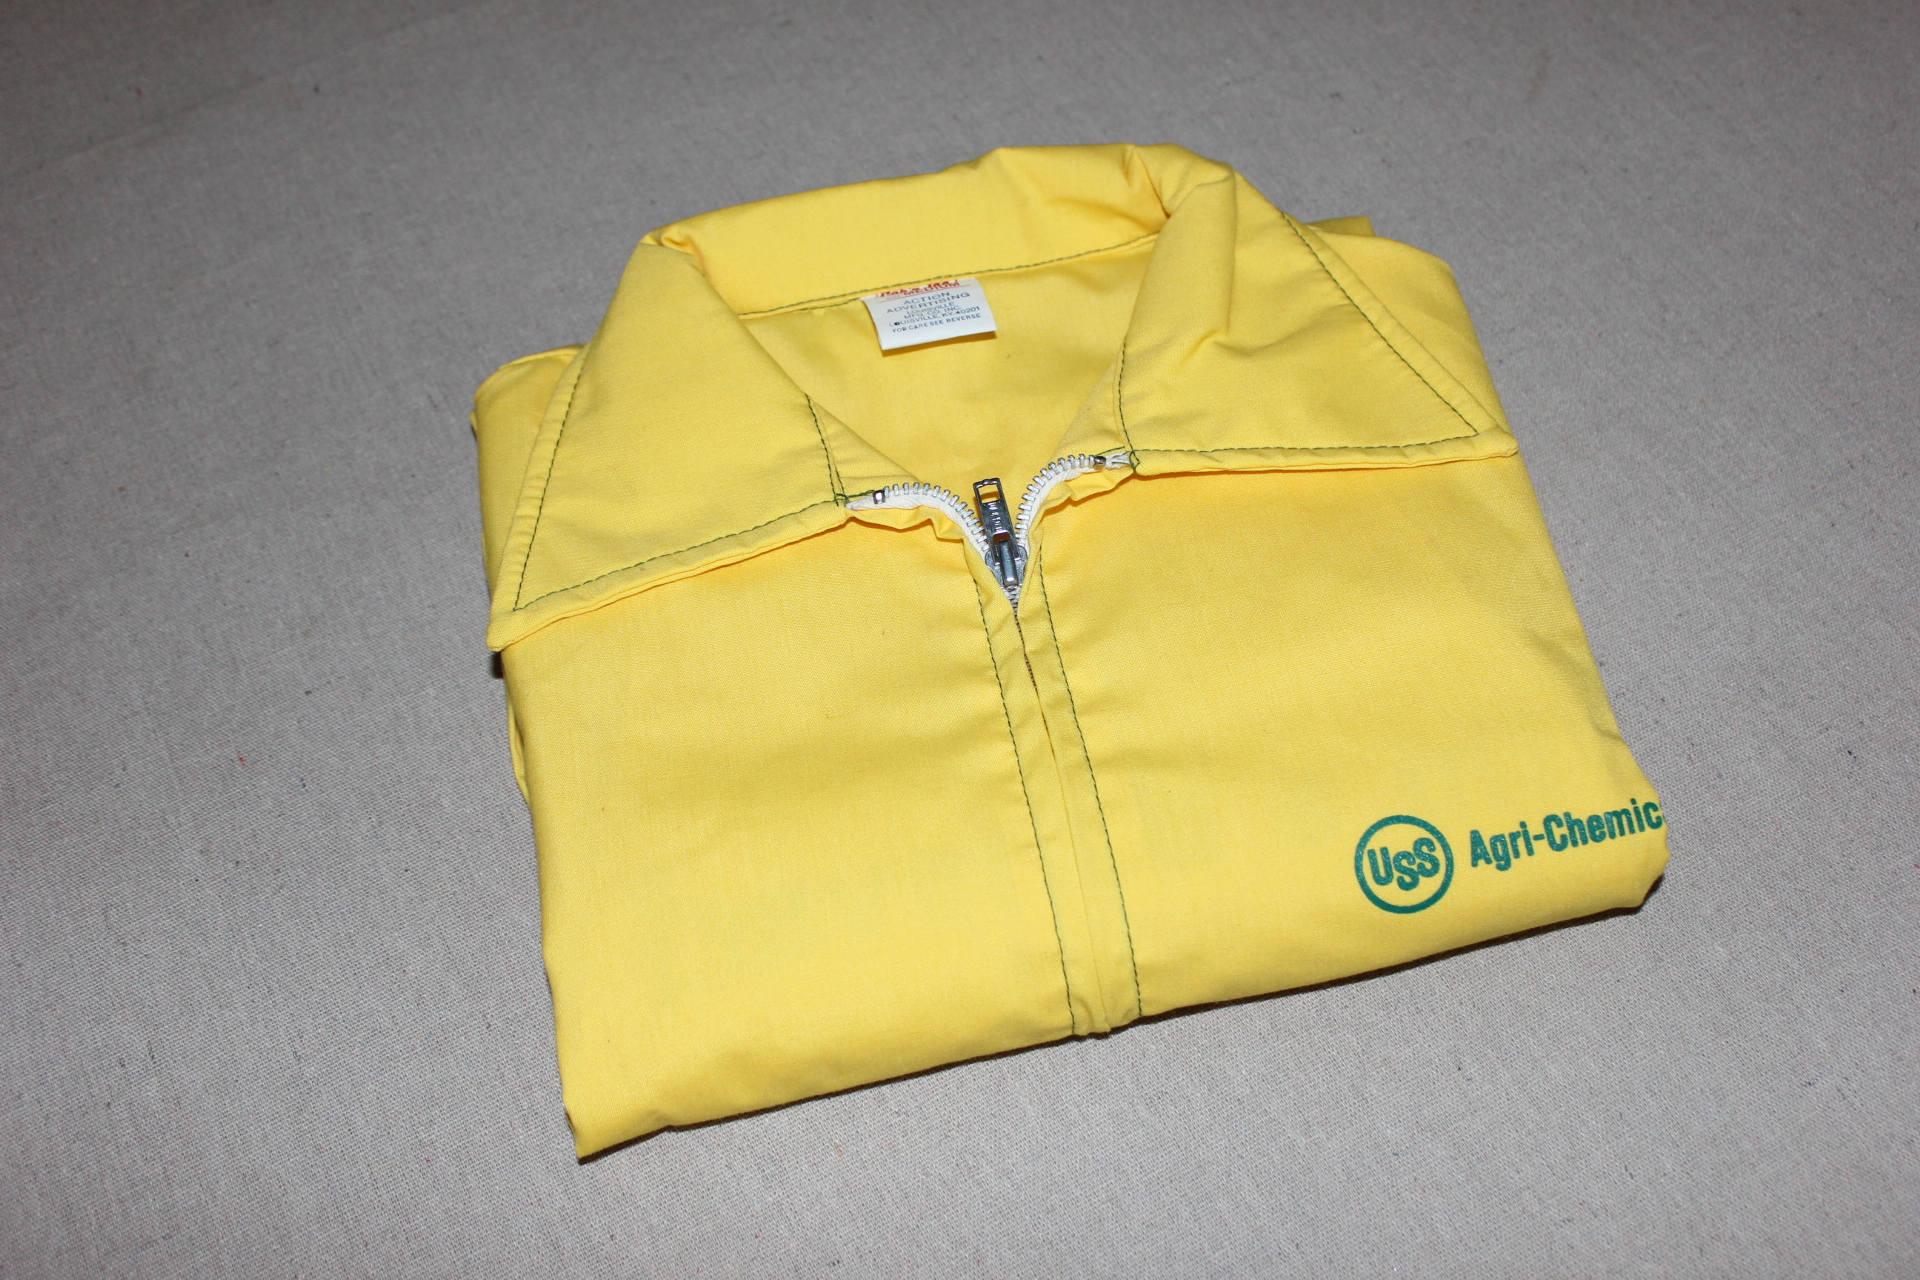 1960s – 70s Men's Ties | Skinny Ties, Slim Ties Vintage 1960s -Capn Jac- Mens Windbreaker Jacket. New Old Stock. Uss Agri-Chemical - Hybrid Seed Corn Advertising. Medium $59.79 AT vintagedancer.com